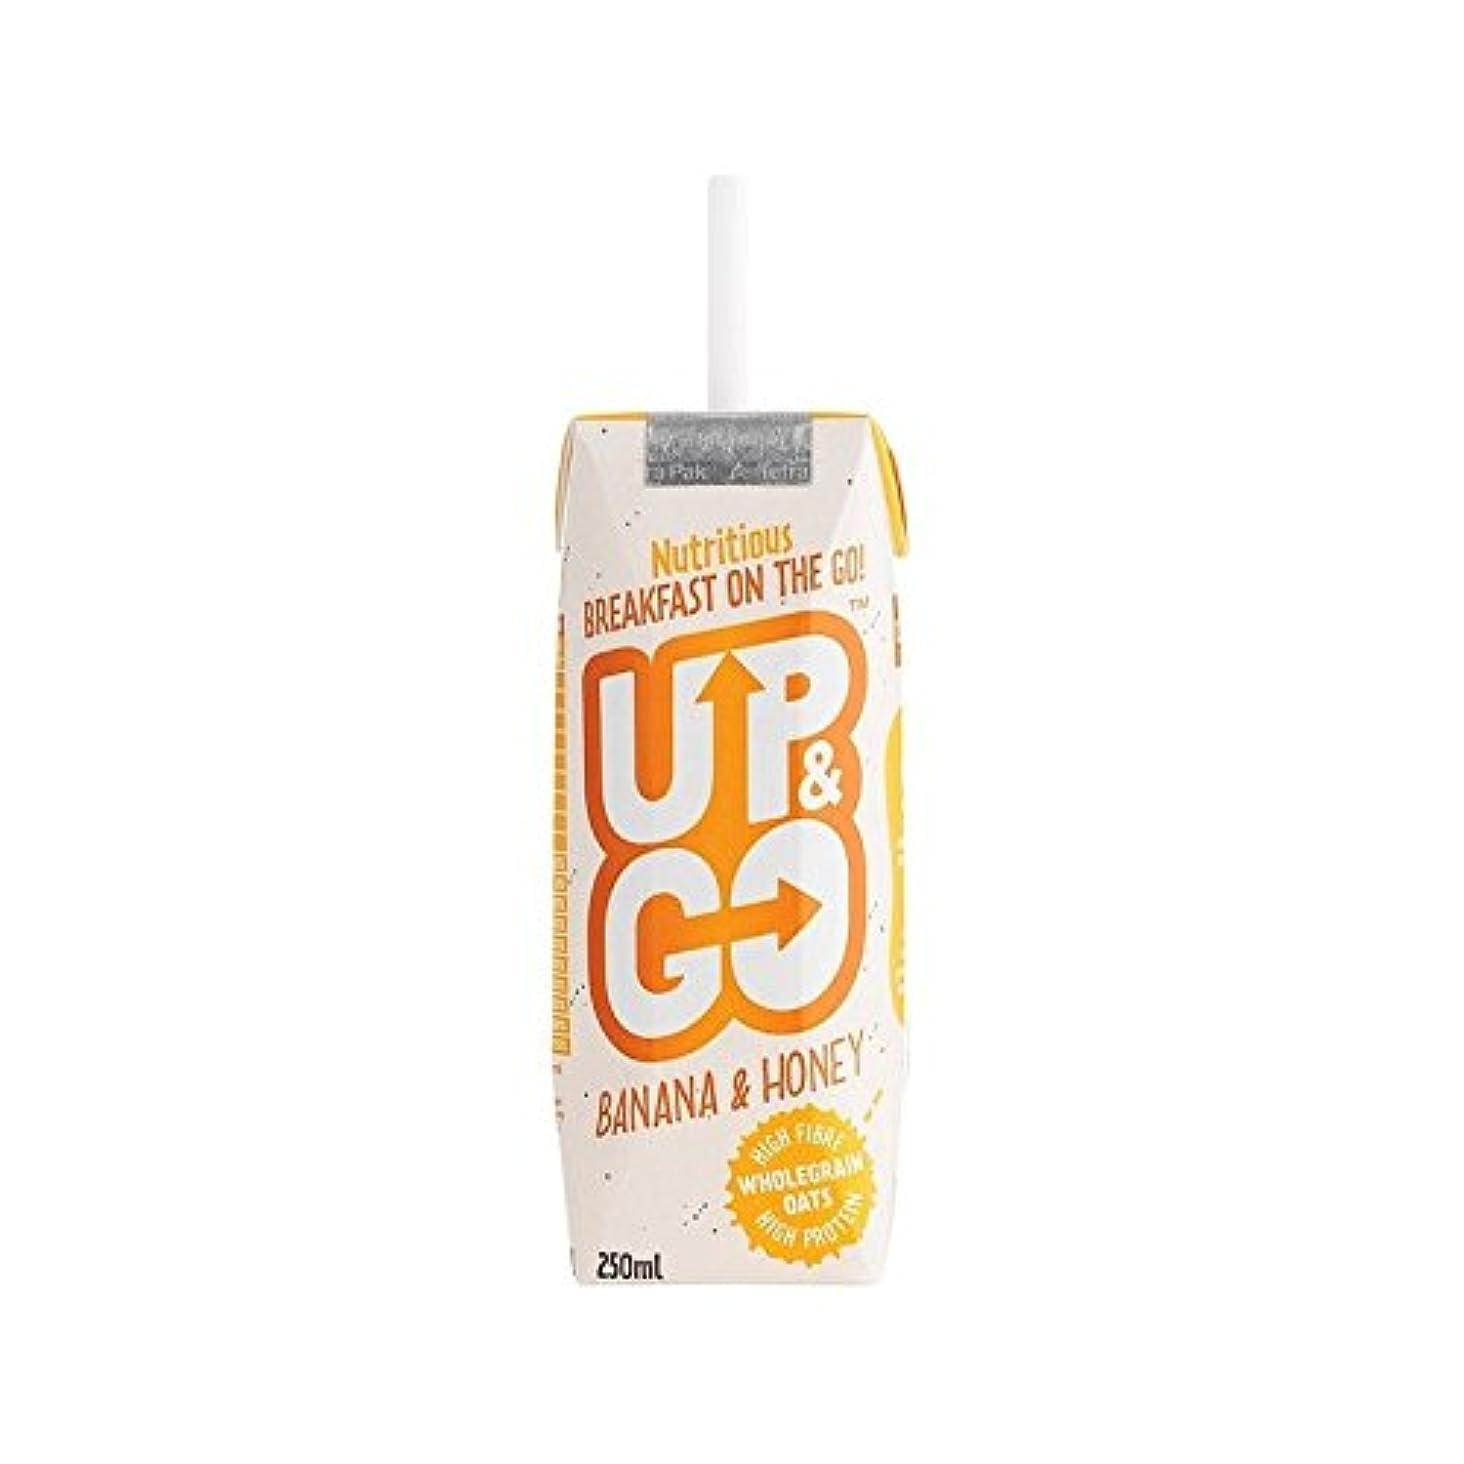 ペン球体手荷物オート麦の250ミリリットルとバナナ&ハニー朝食ドリンク (Up&Go) - Up&Go Banana & Honey Breakfast Drink with Oats 250ml [並行輸入品]